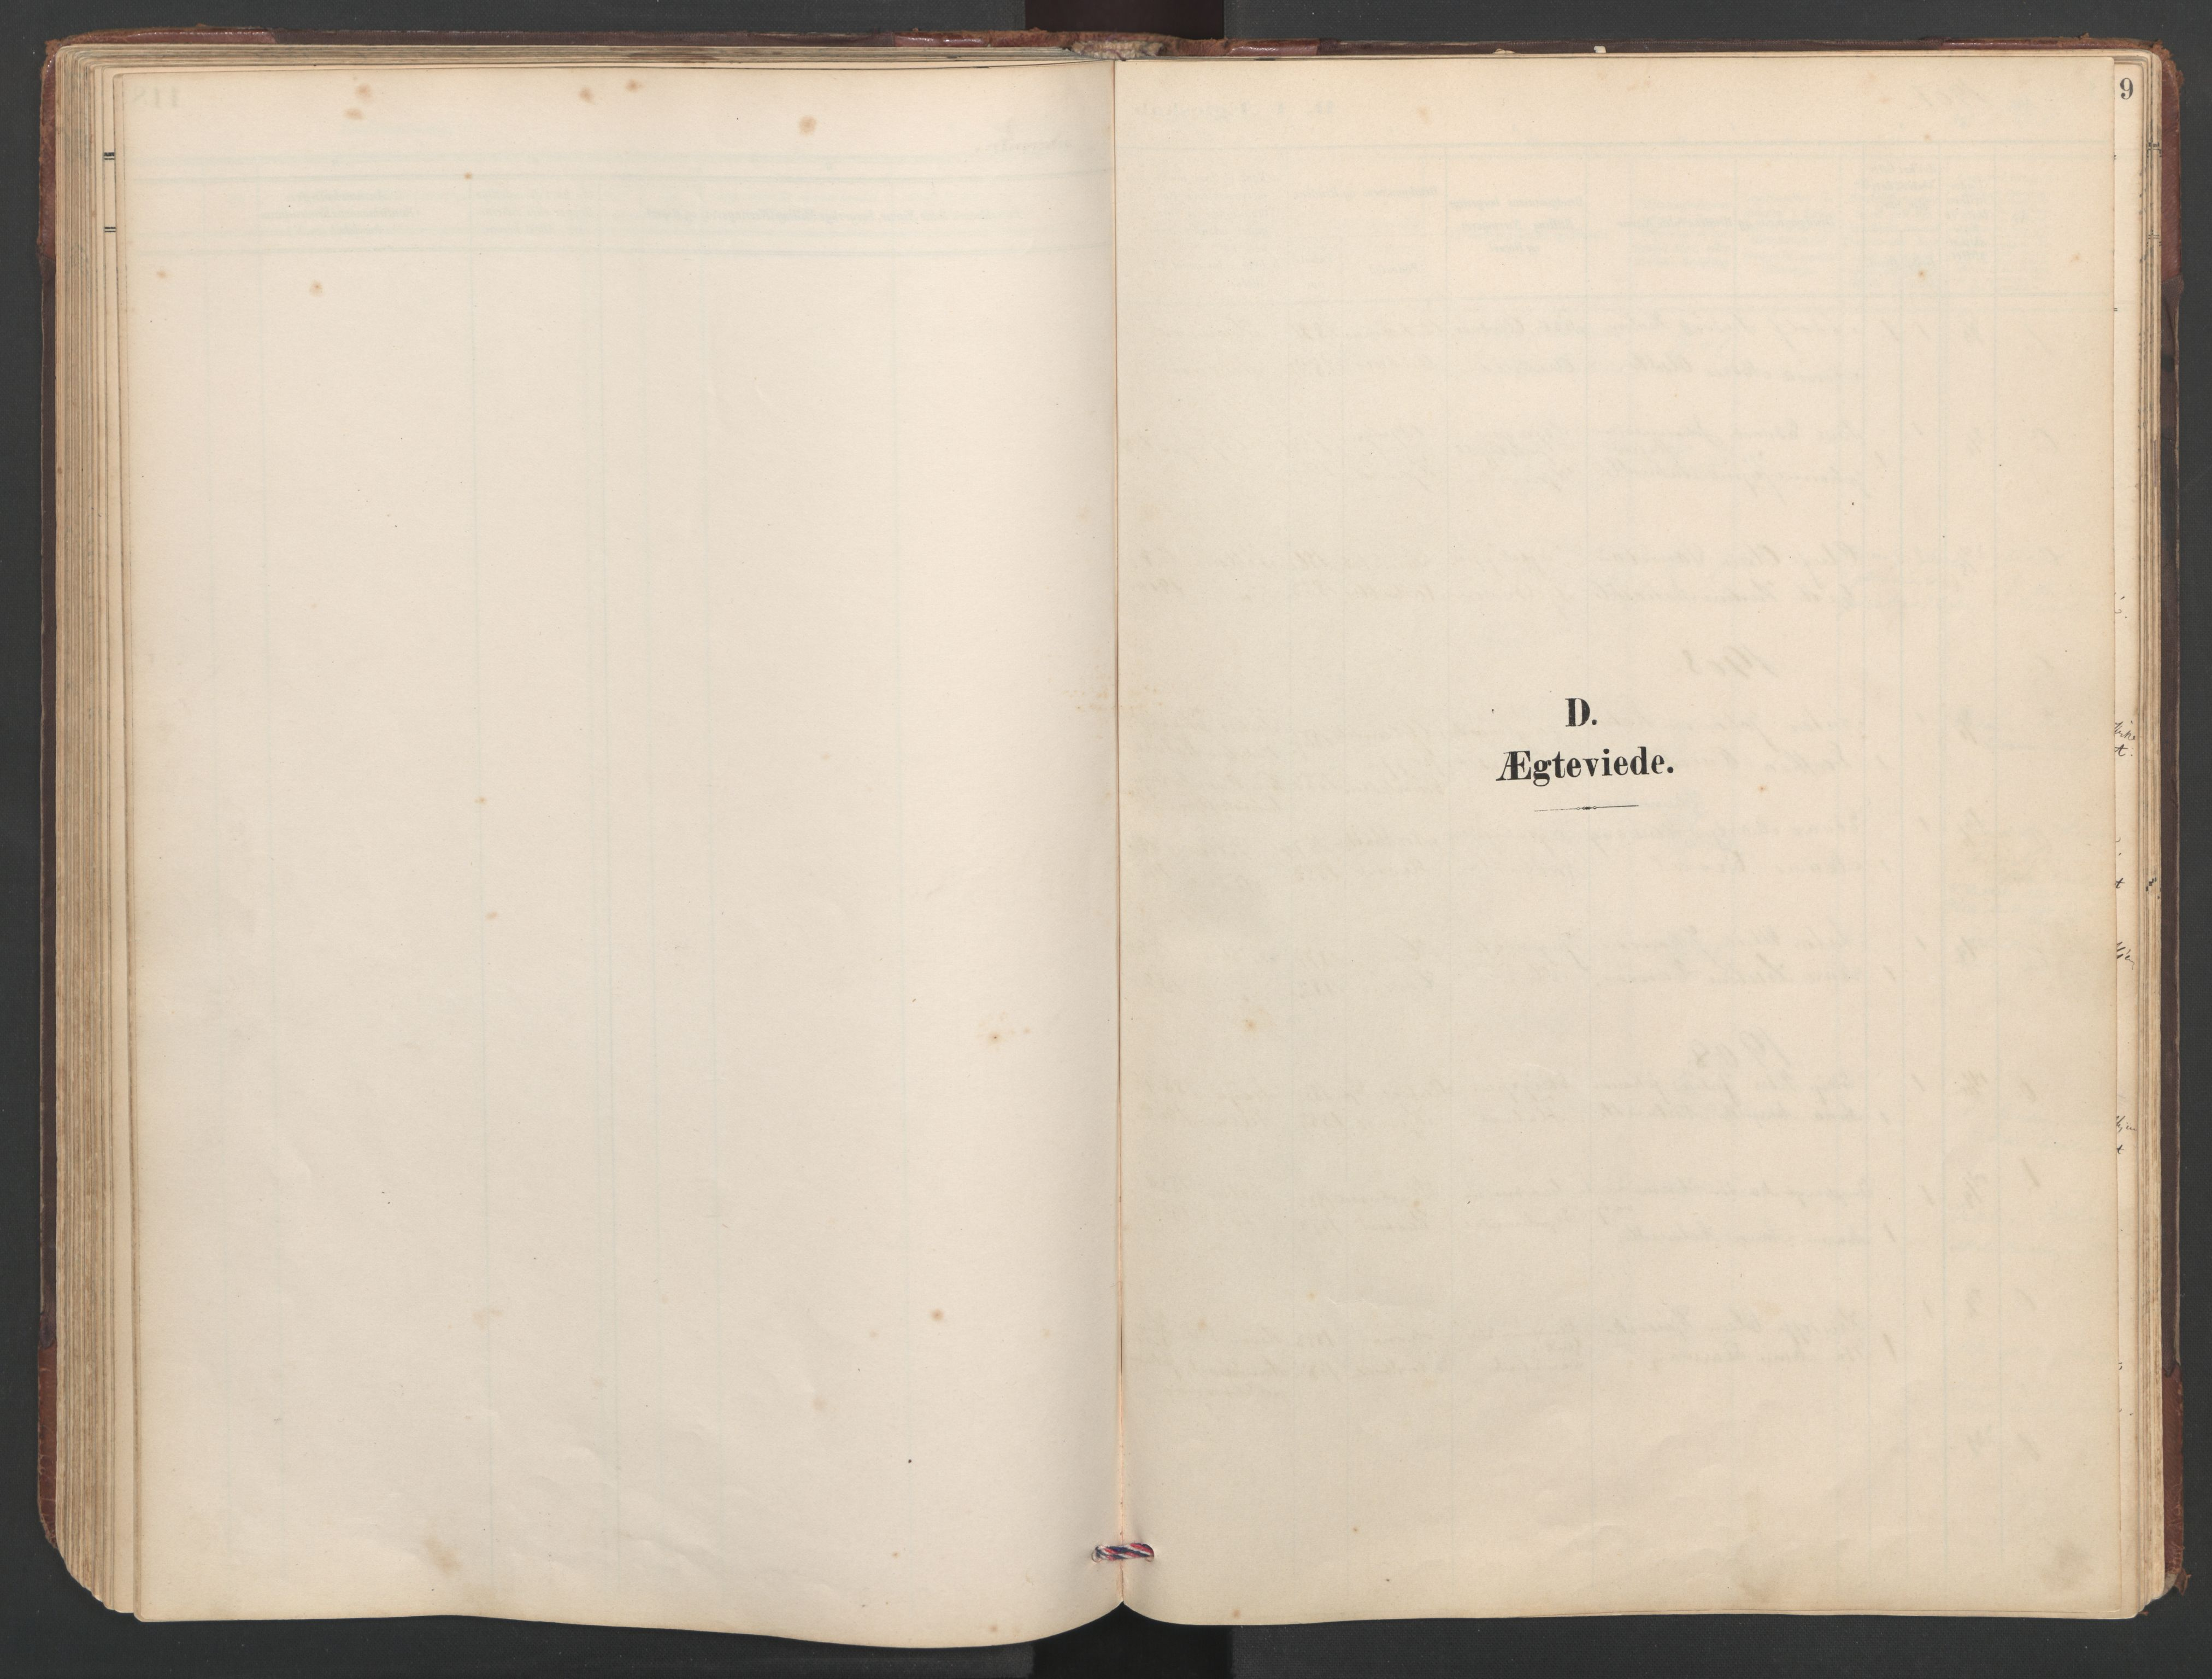 SAT, Ministerialprotokoller, klokkerbøker og fødselsregistre - Sør-Trøndelag, 638/L0571: Klokkerbok nr. 638C03, 1901-1930